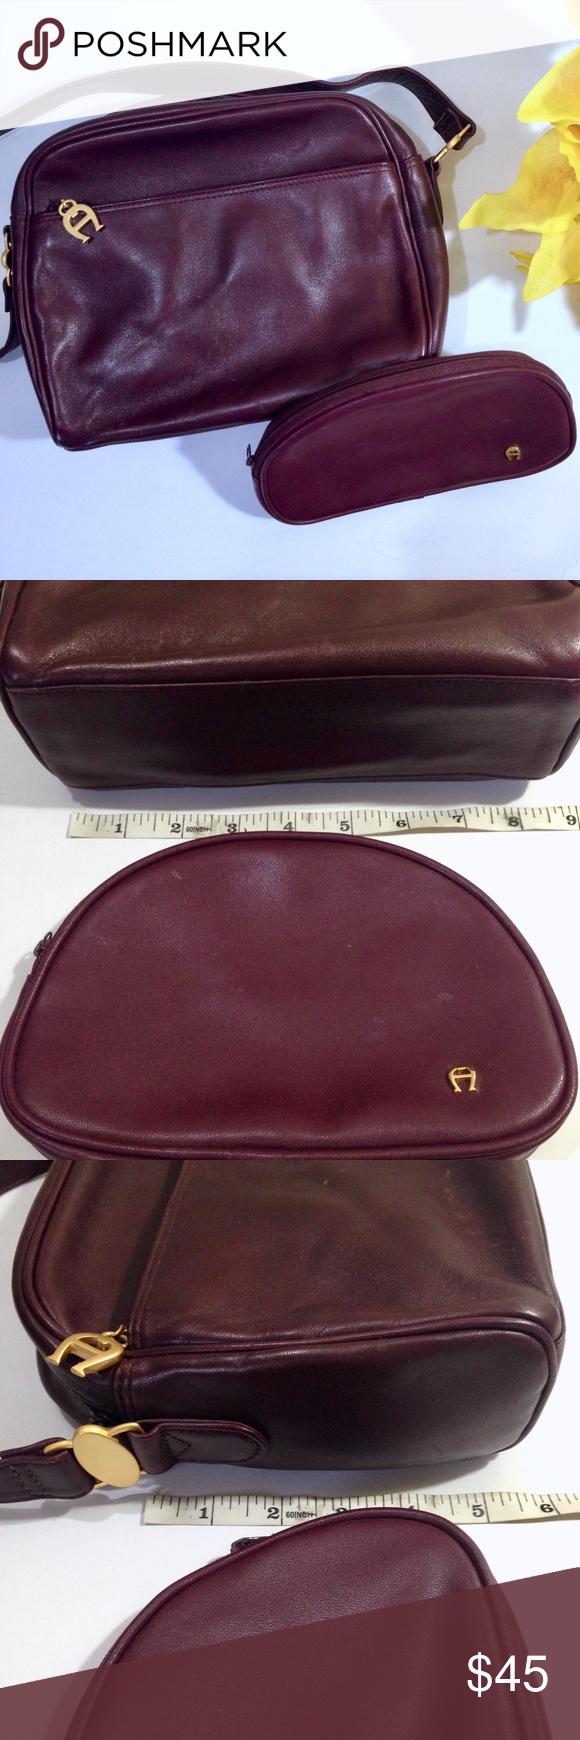 ETIENNE AIGNER Purple LEATHER Purse   Make-up Case 0d6dee25b7